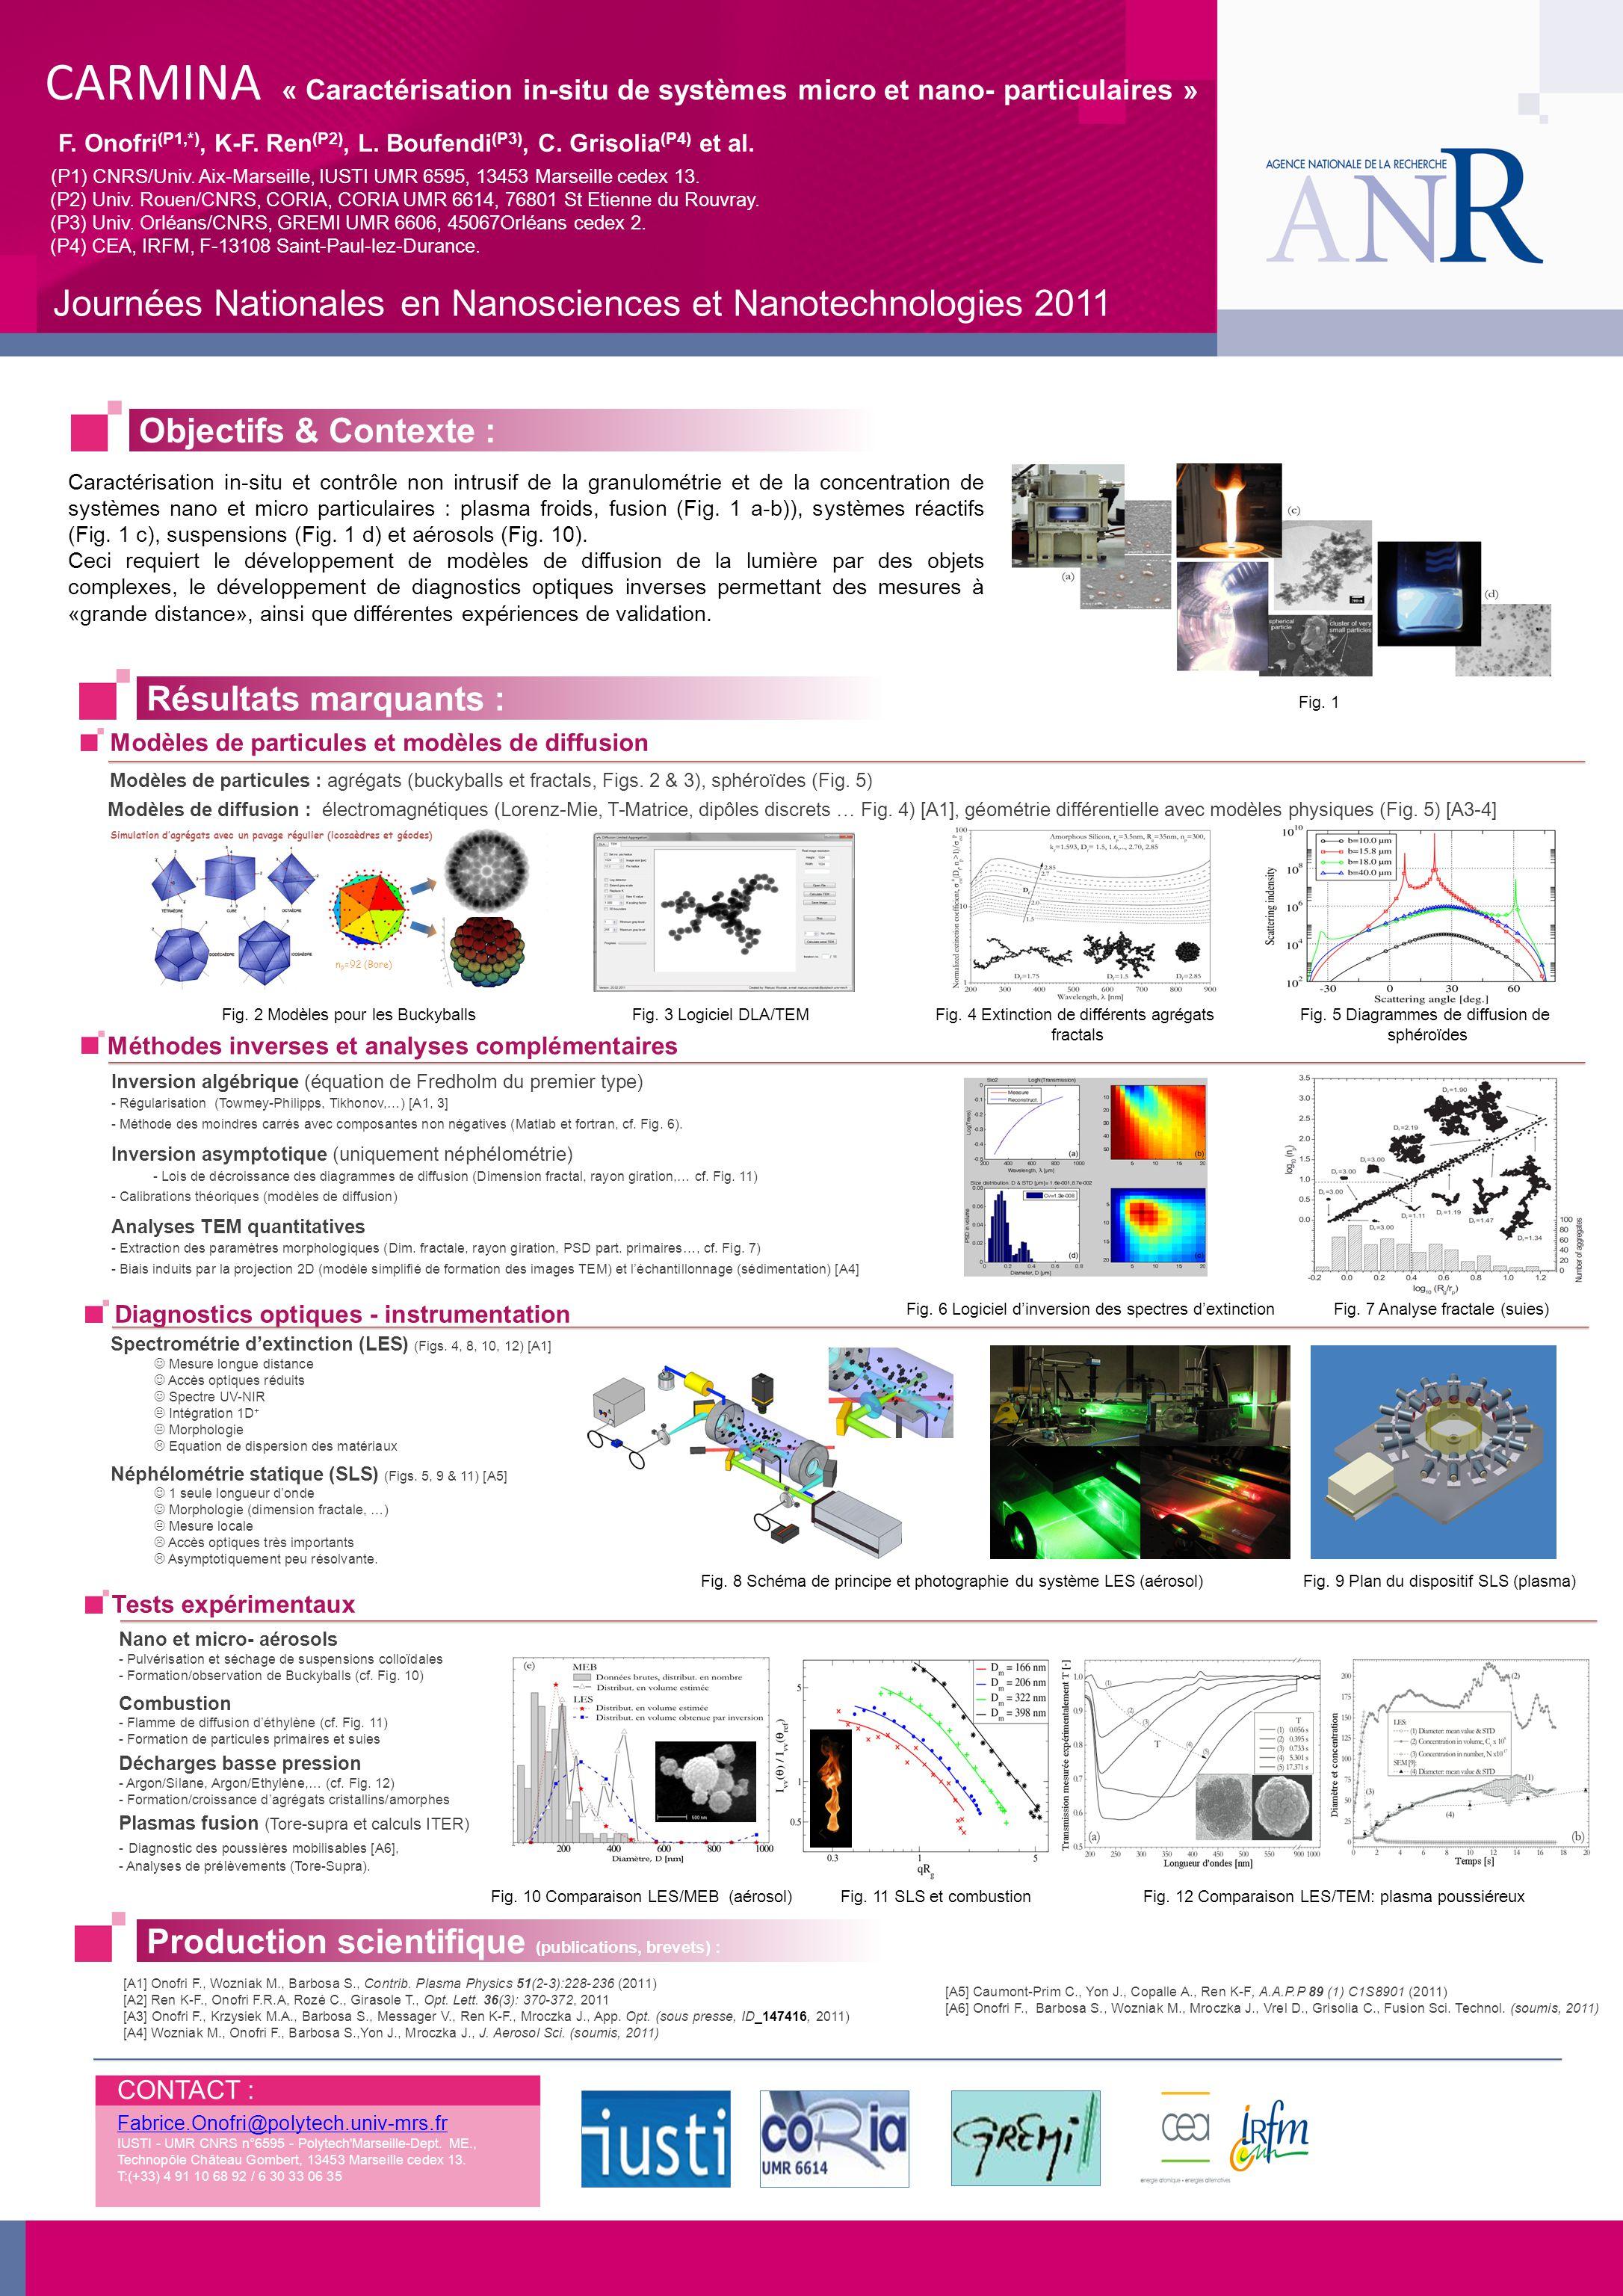 Journées Nationales en Nanosciences et Nanotechnologies 2011